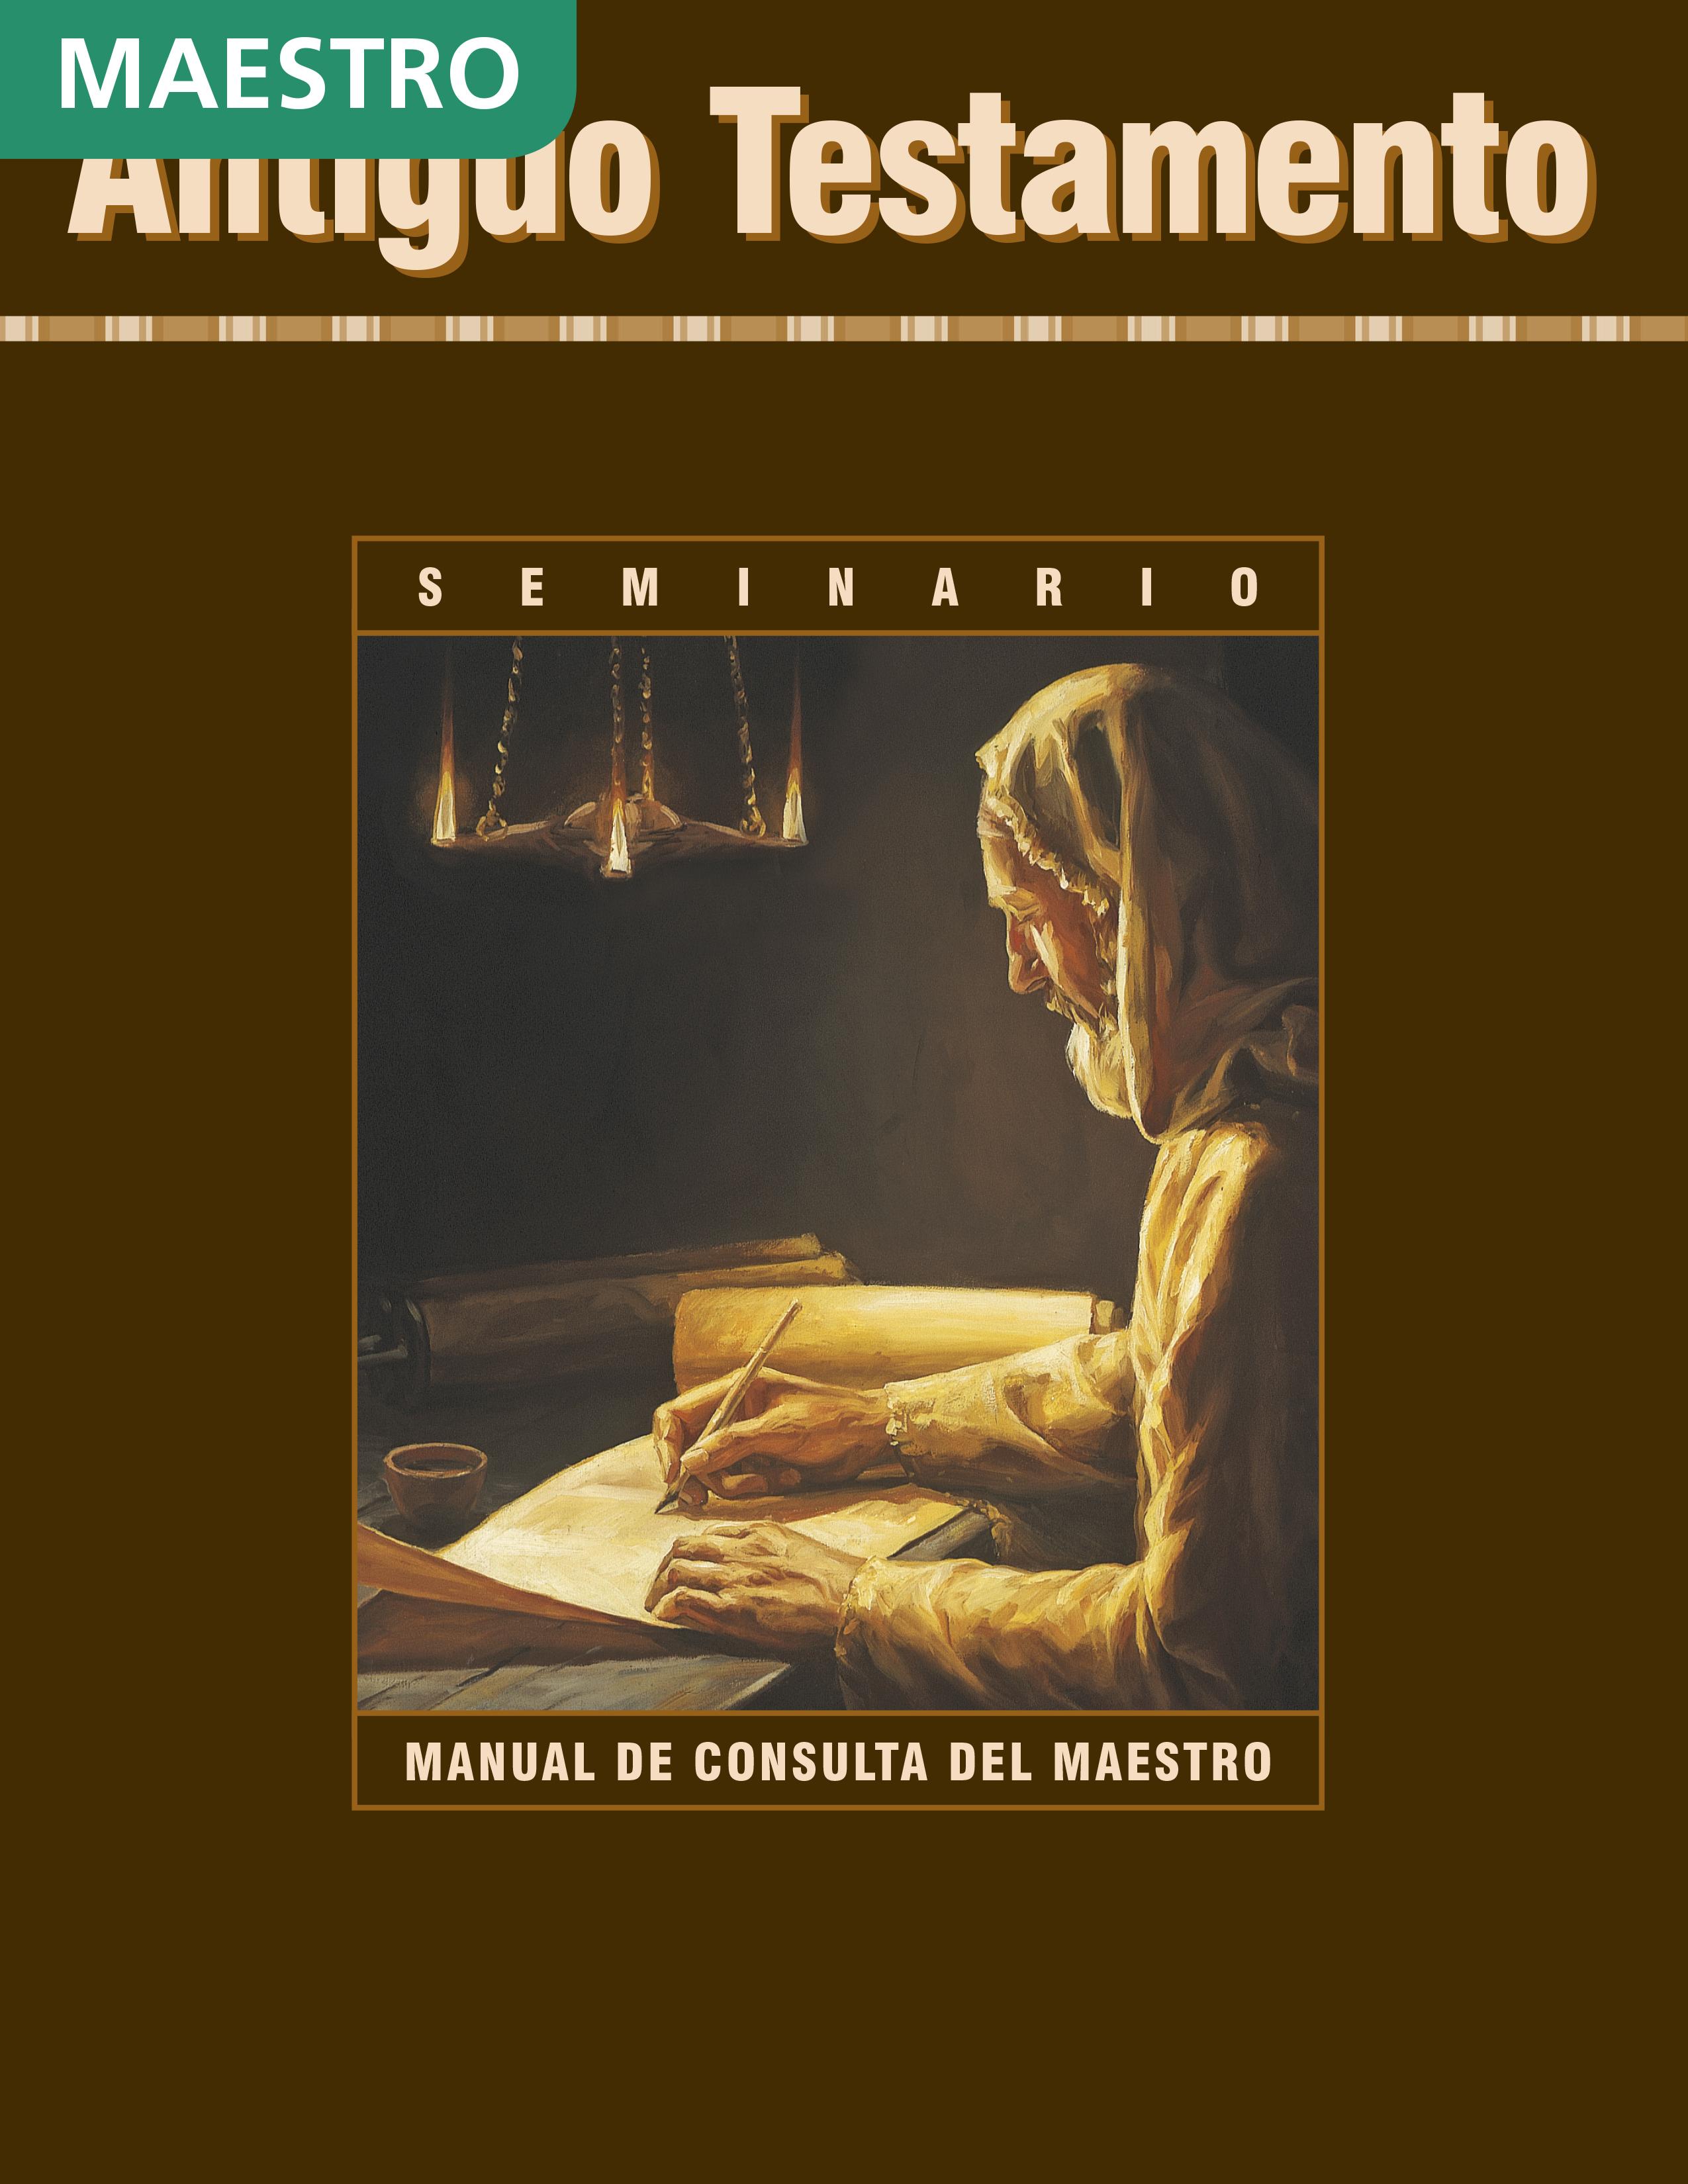 El Antiguo Testamento: Manual de consulta del maestro de Seminario